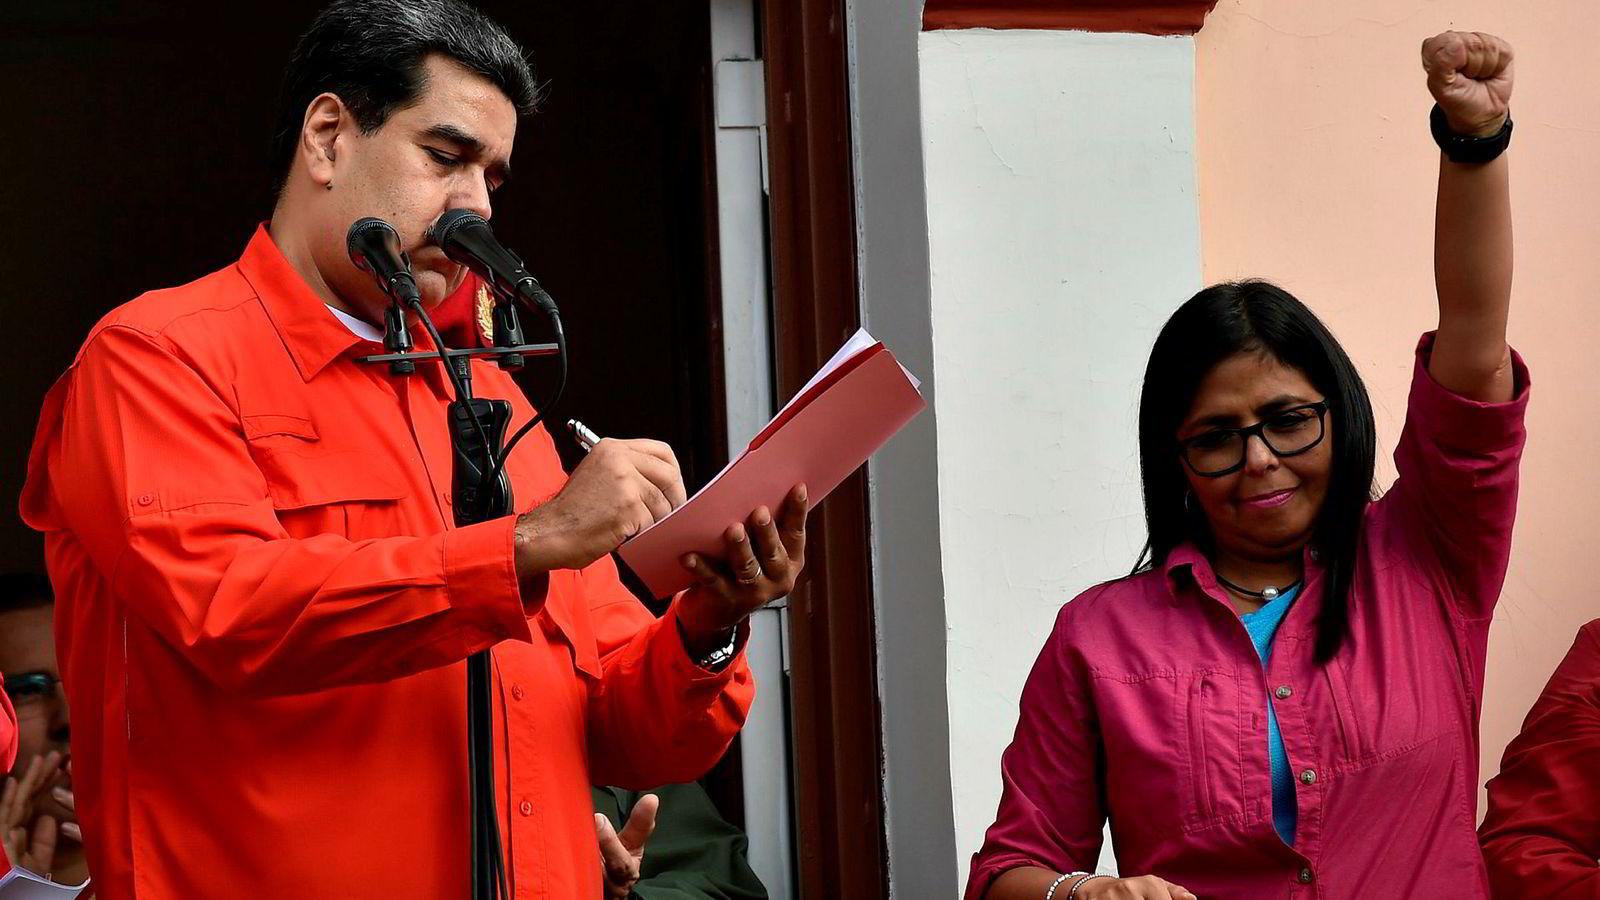 Venezuela's President Nicolas Maduro signerer et dokument om at hans regjering bryter diplomatiske forbindelser med USA under en samling i Caracas onsdag.